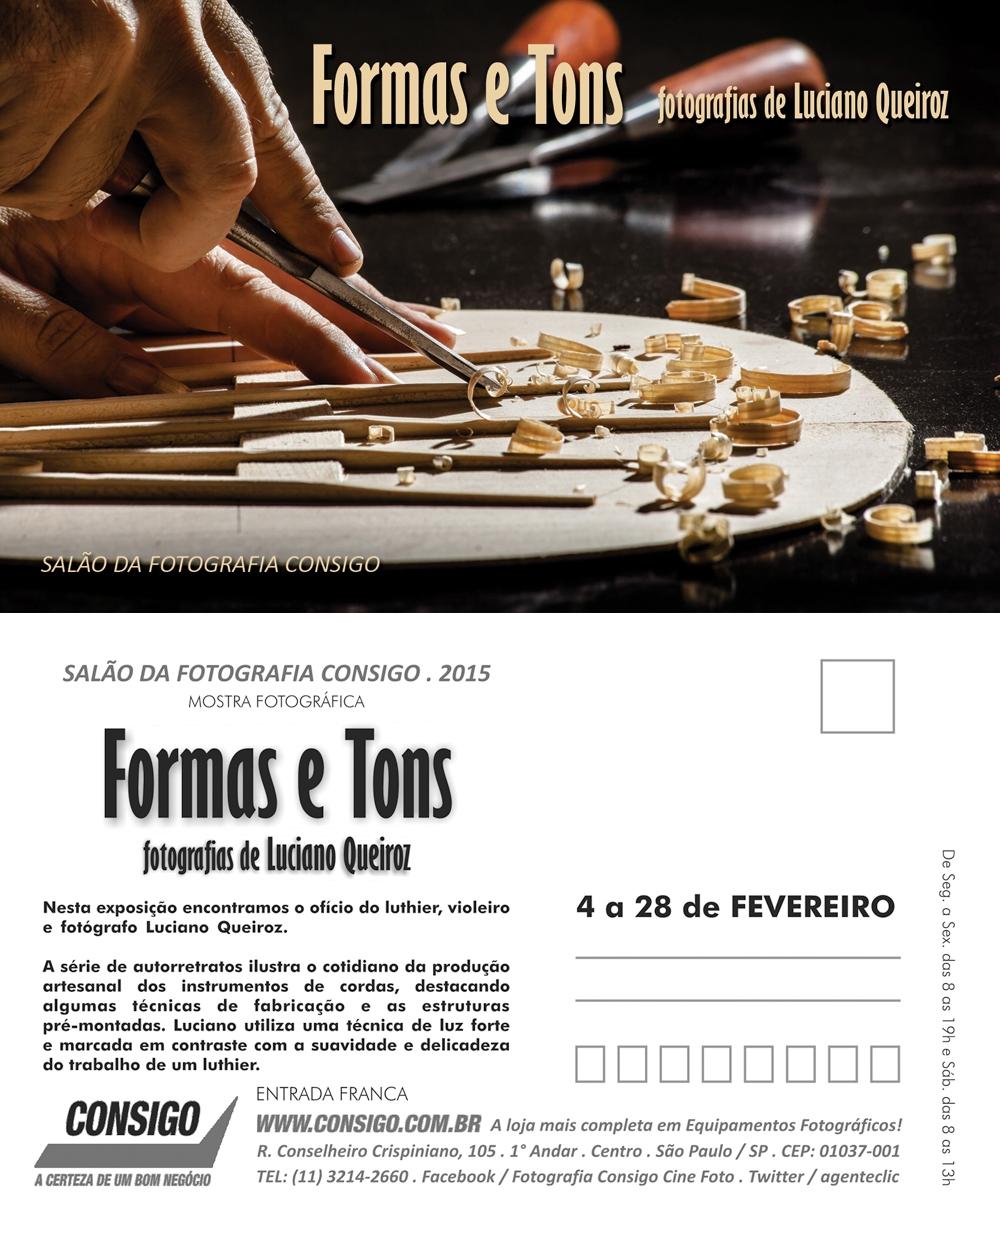 Formas e Tons de Luciano Queiroz - Salão da Fotografia Consigo